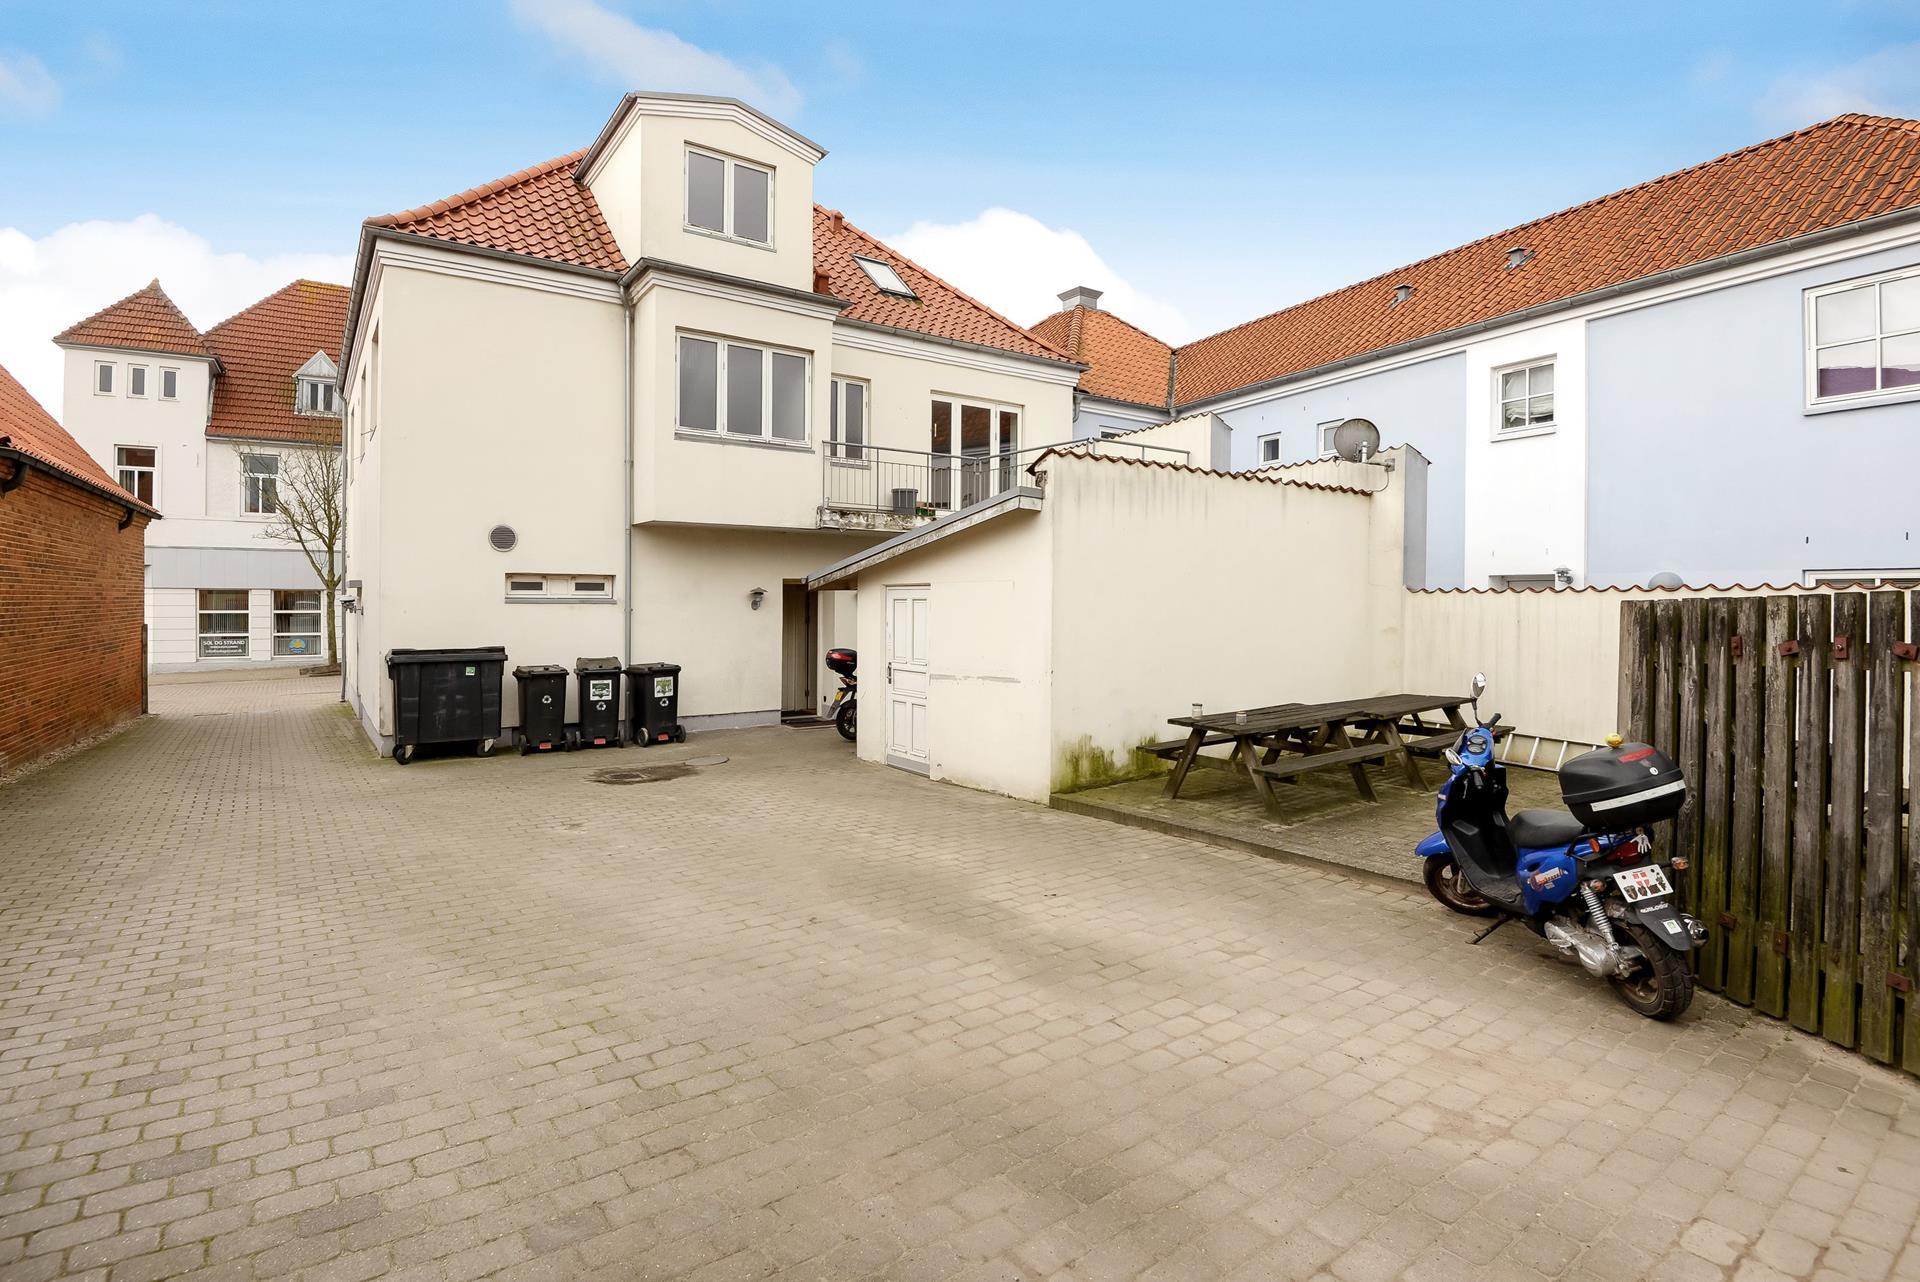 Bolig/erhverv på Storegade i Augustenborg - Bag facade